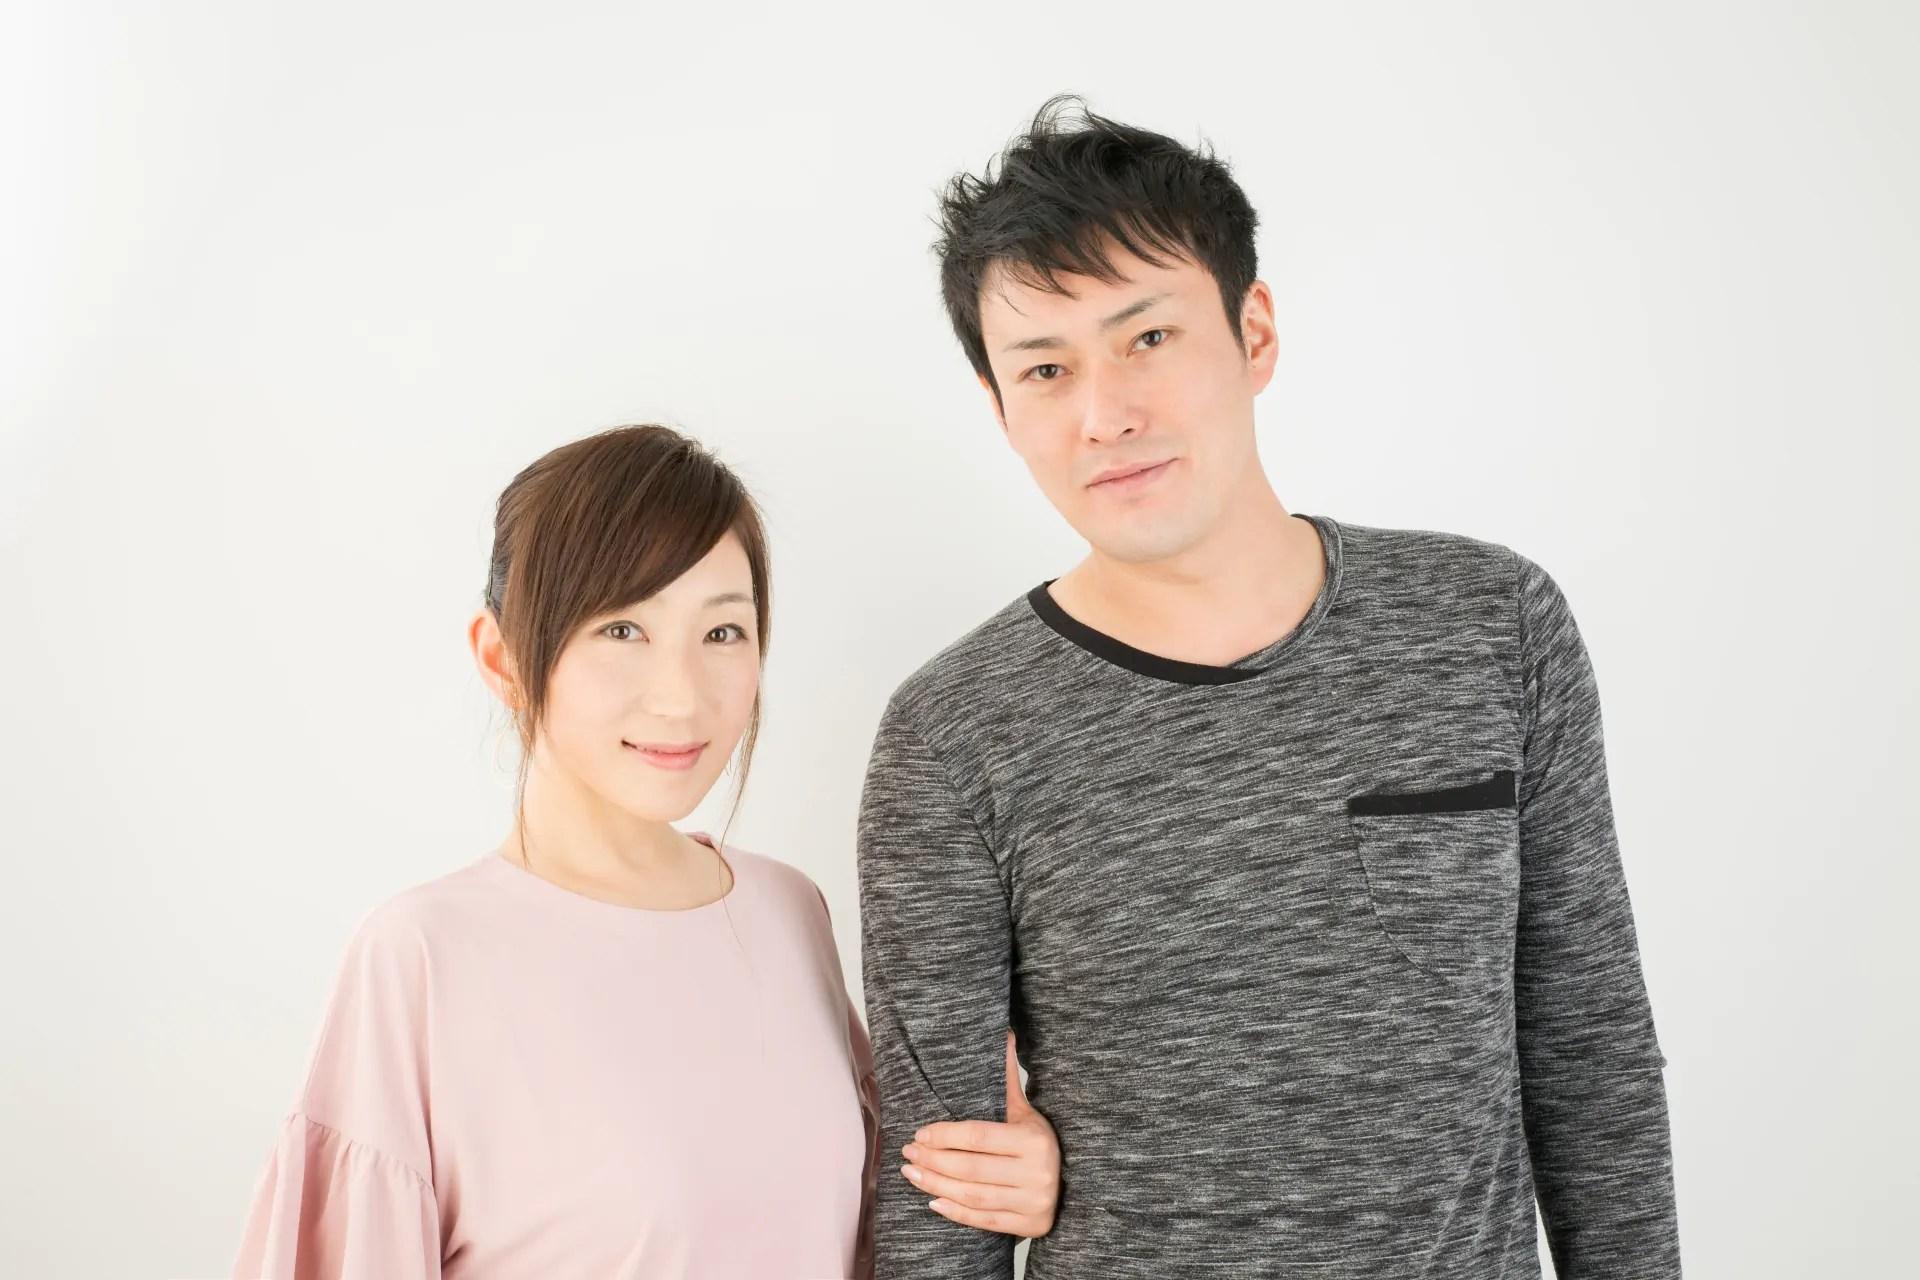 【お付き合いのご報告】40代男性の婚活体験談